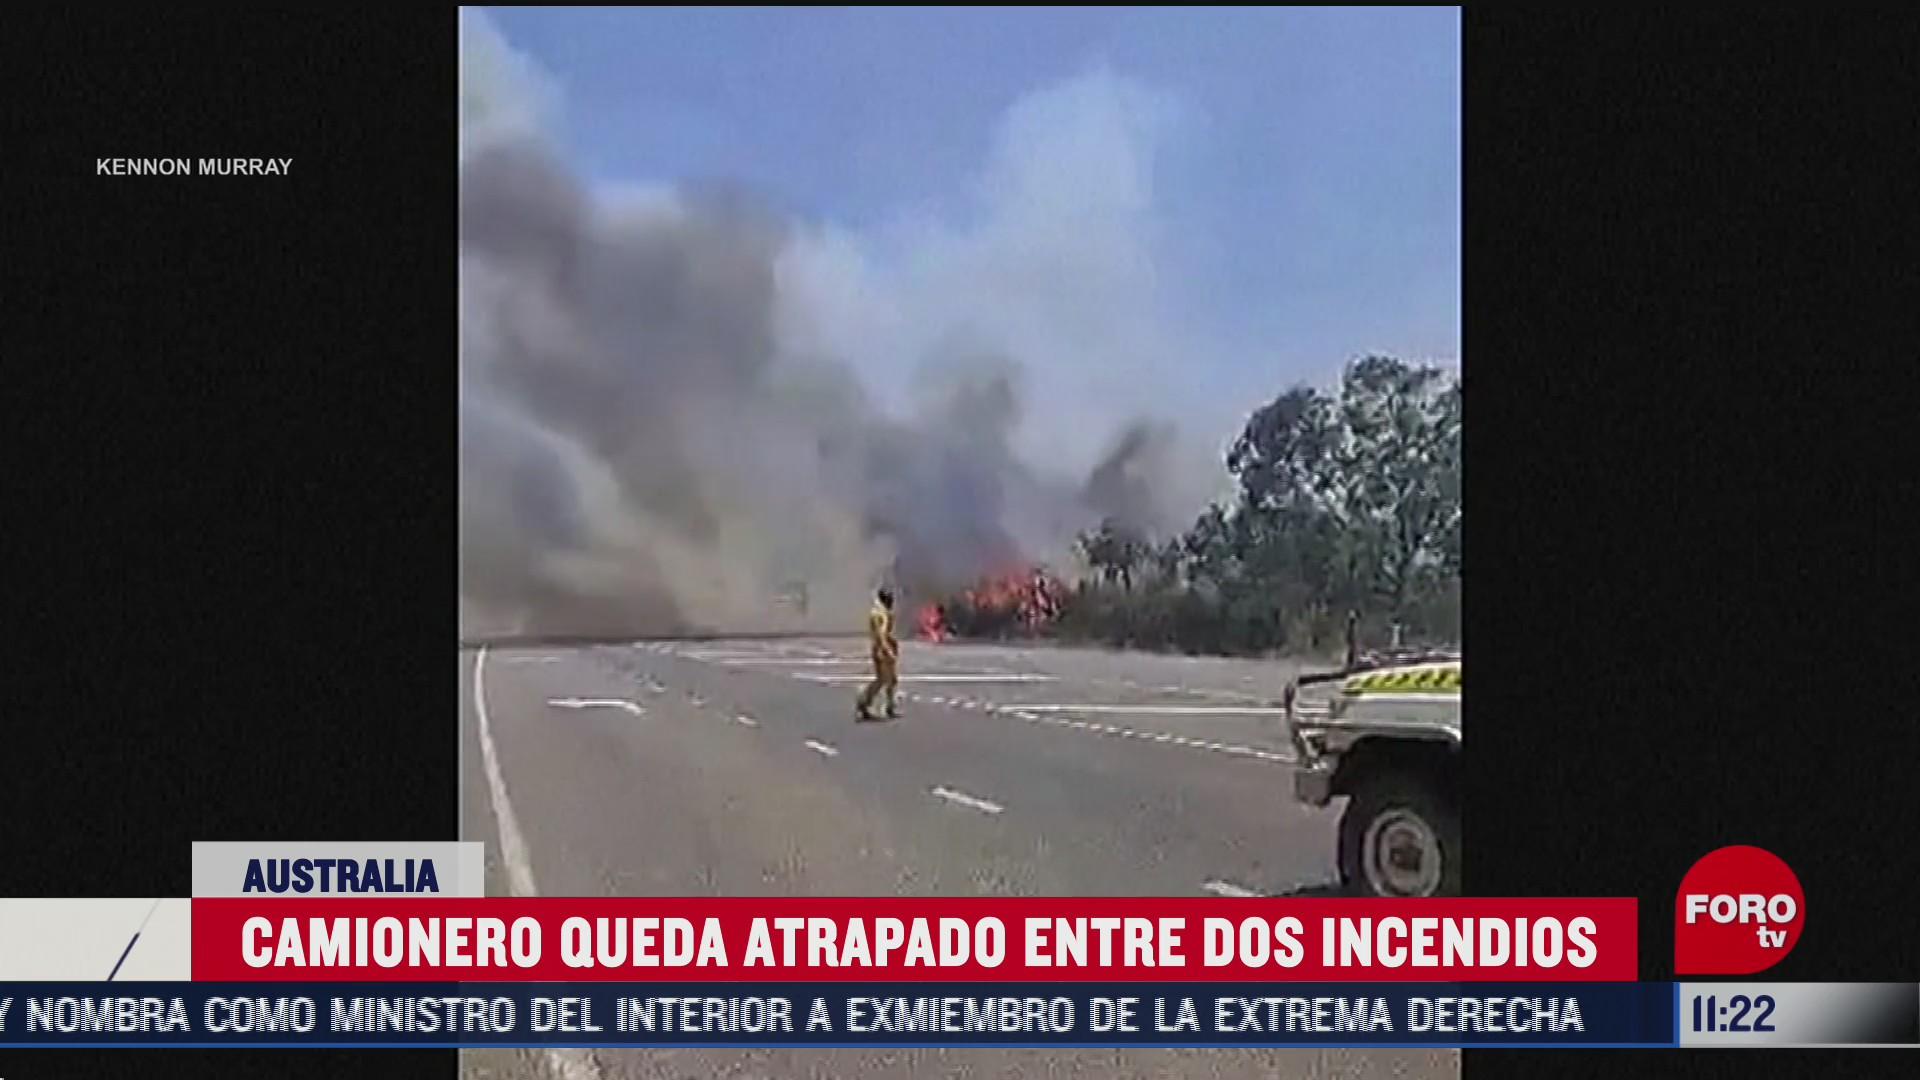 camionero queda atrapado entre incendios forestales en australia